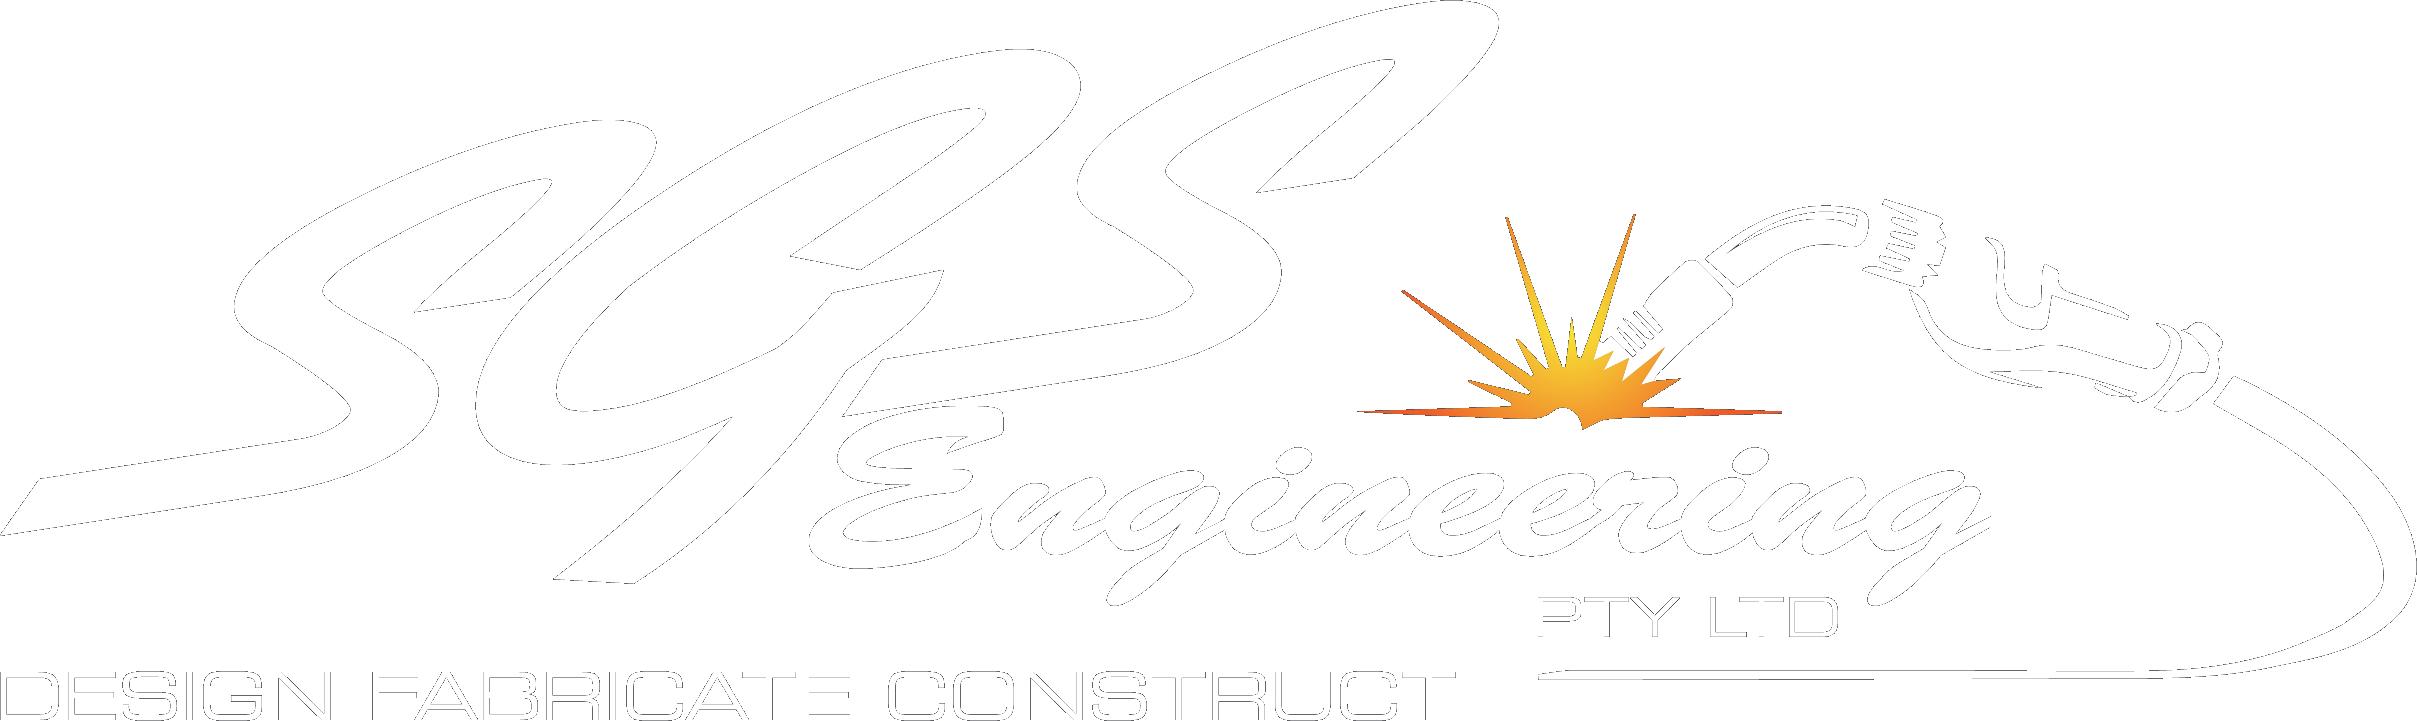 SGS Engineering